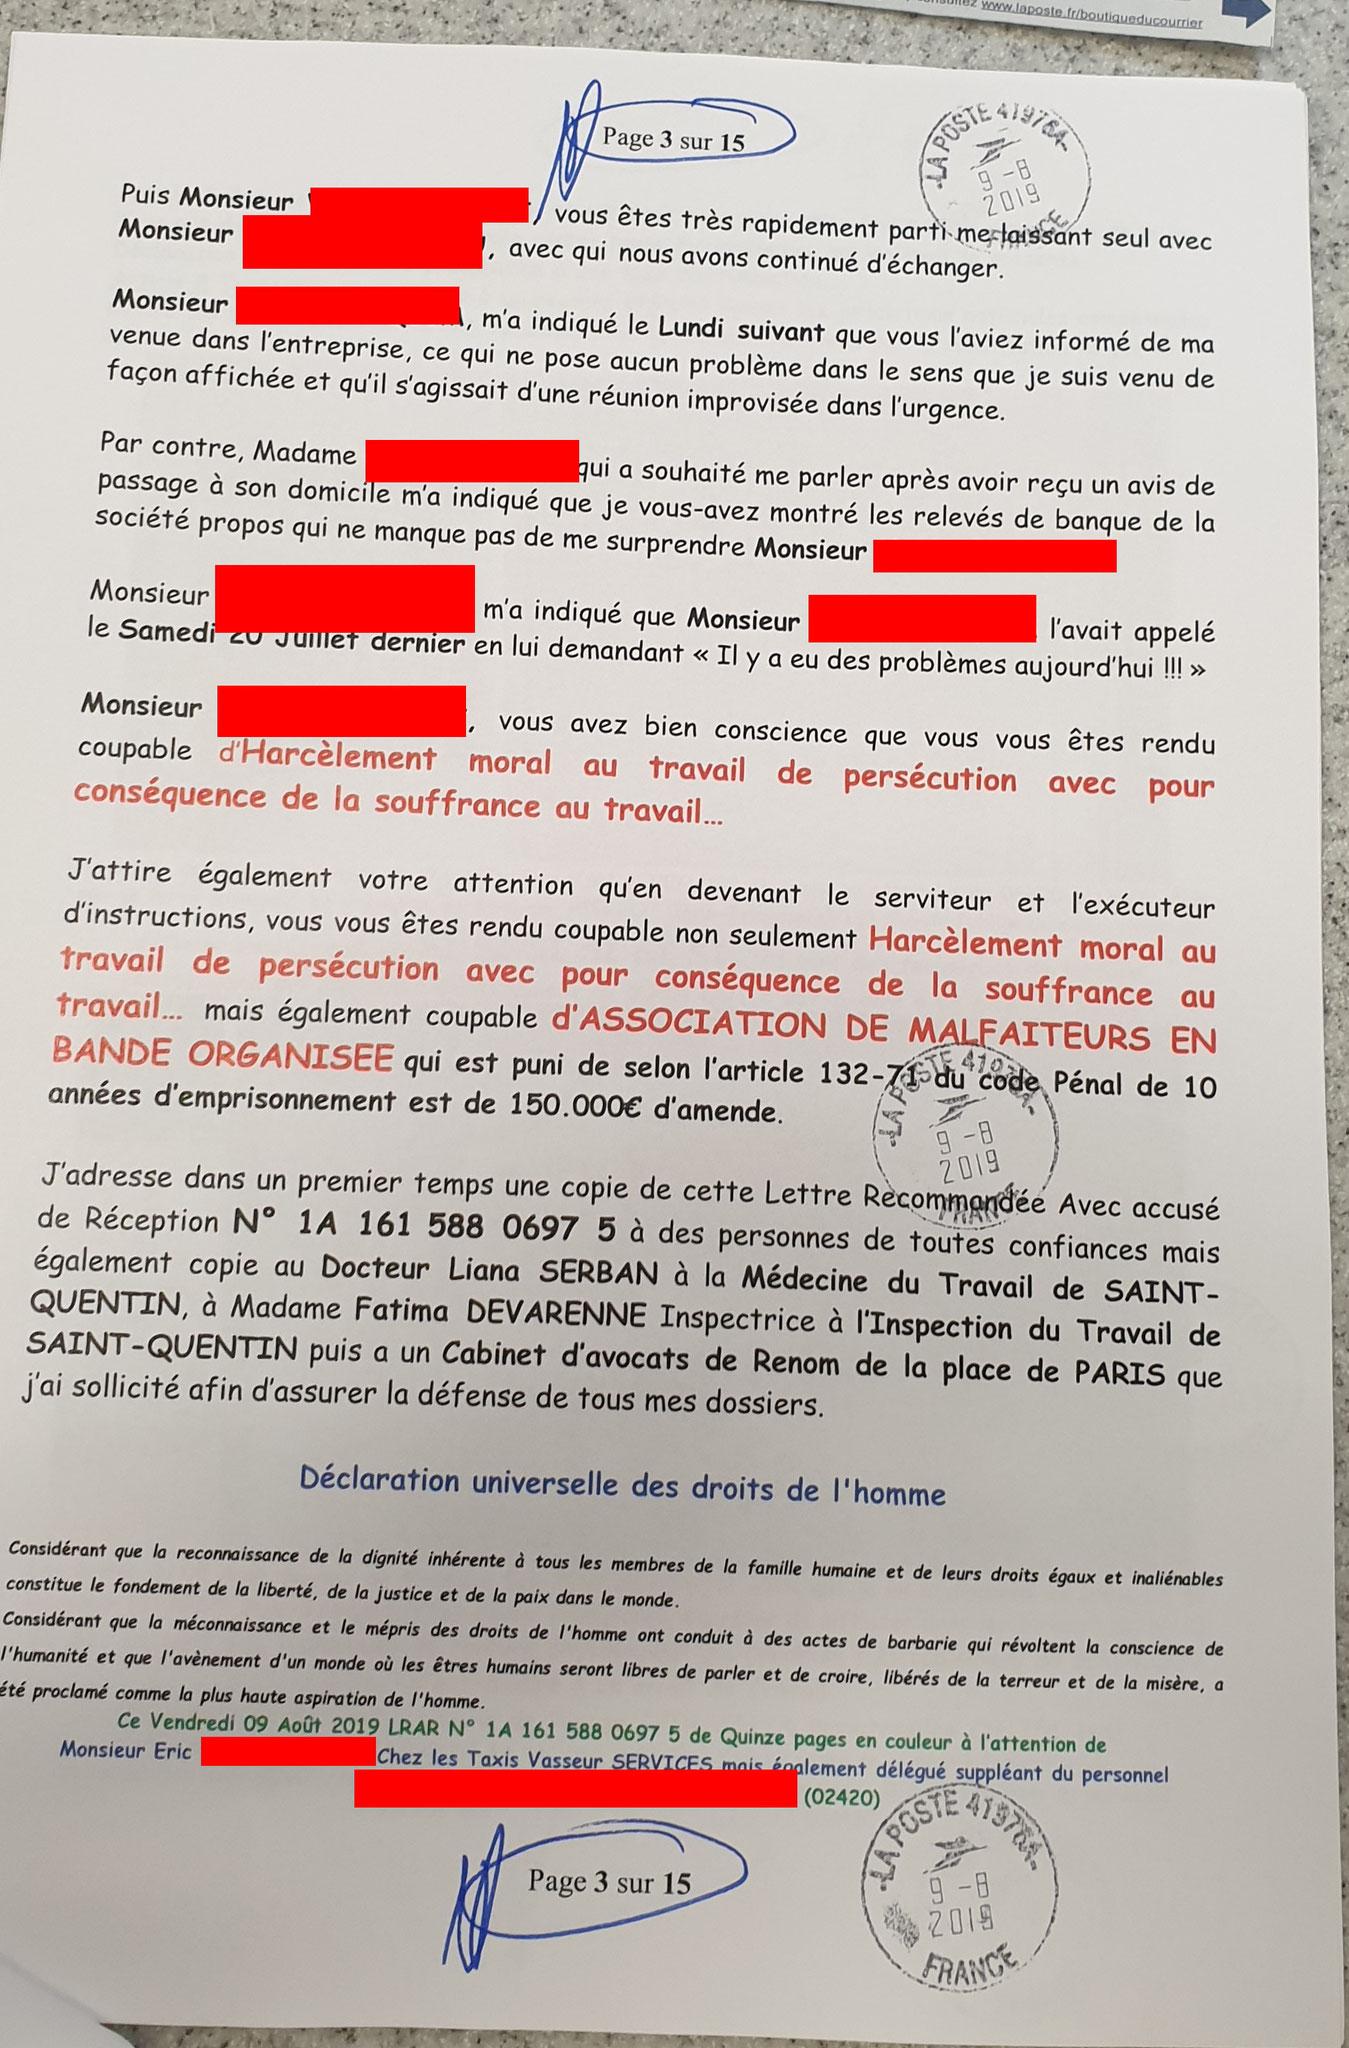 Ma lettre recommandée 09 Août 2019 adressée à un Chauffeur TAXI occasionnellement STANDARDISTE des TAXIS VASSEUR SERVICES // VIOLENCES & SOUFFRANCES AU TRAVAIL (MOBBING & GANG STAKLING) www.jenesuispasunchien.fr www.jesuisvictime.fr www.jesuispatrick.fr